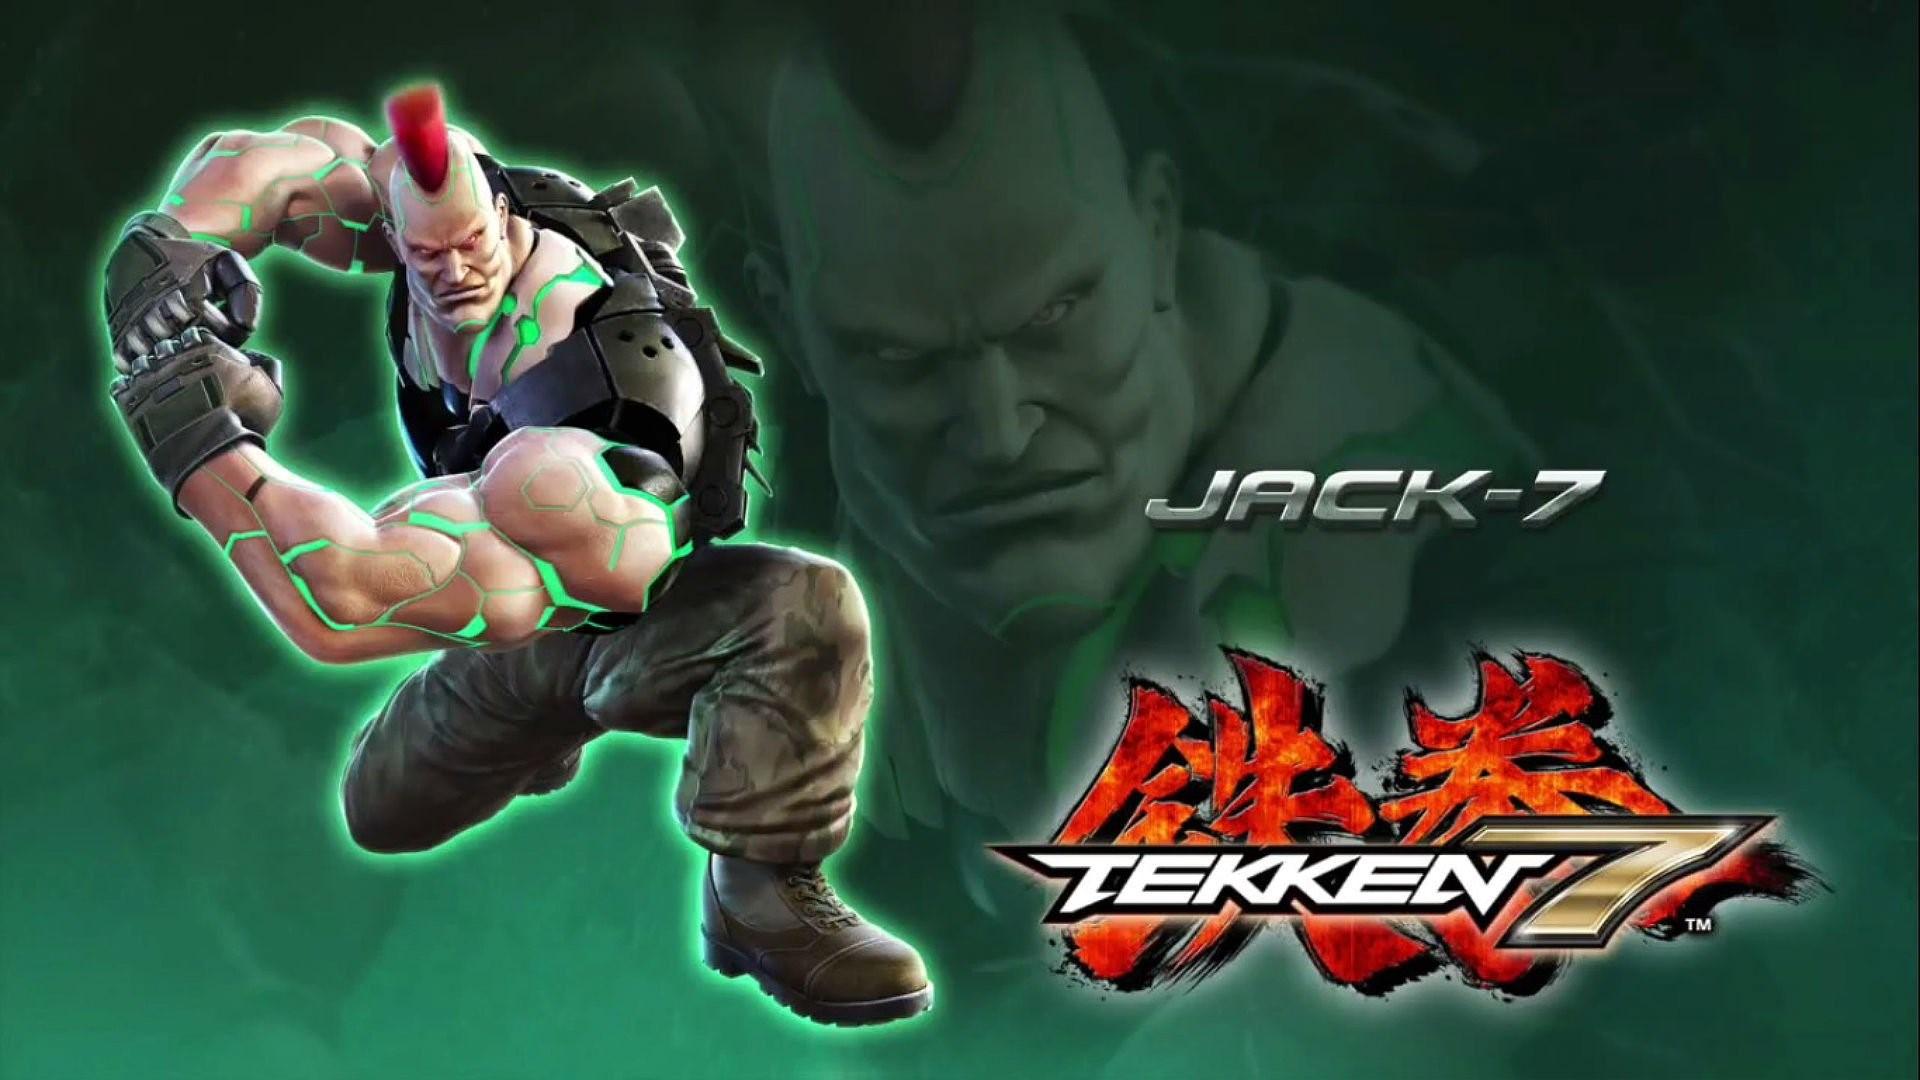 Tekken Wallpapers 2